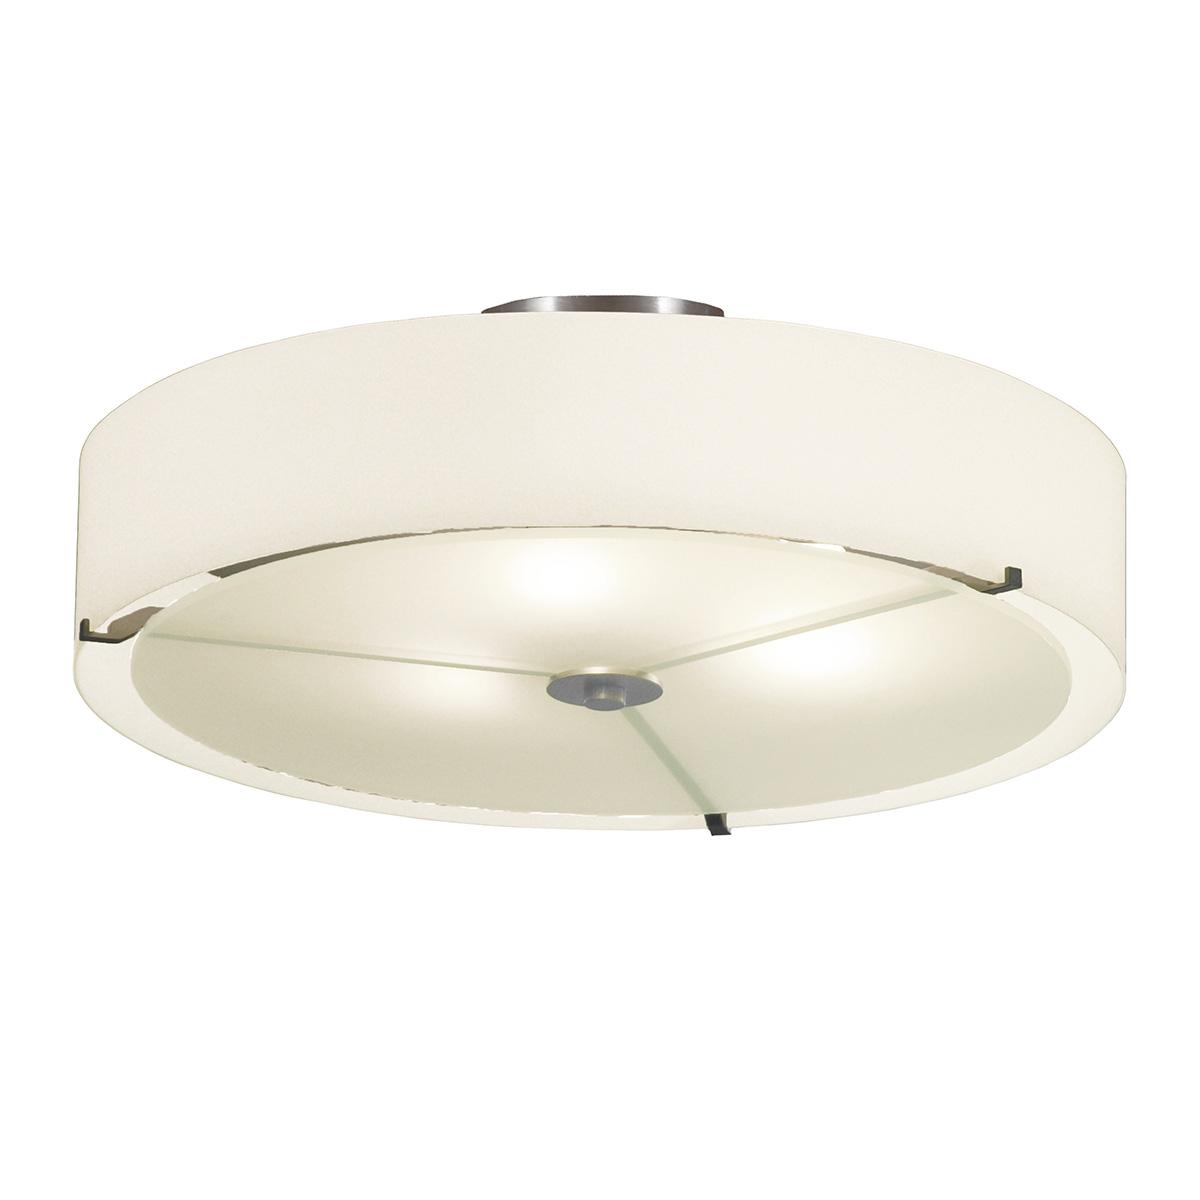 Φωτιστικό οροφής Μουράνο ΚΥΛΙΝΔΡΟΙ modern Murano ceiling lamp